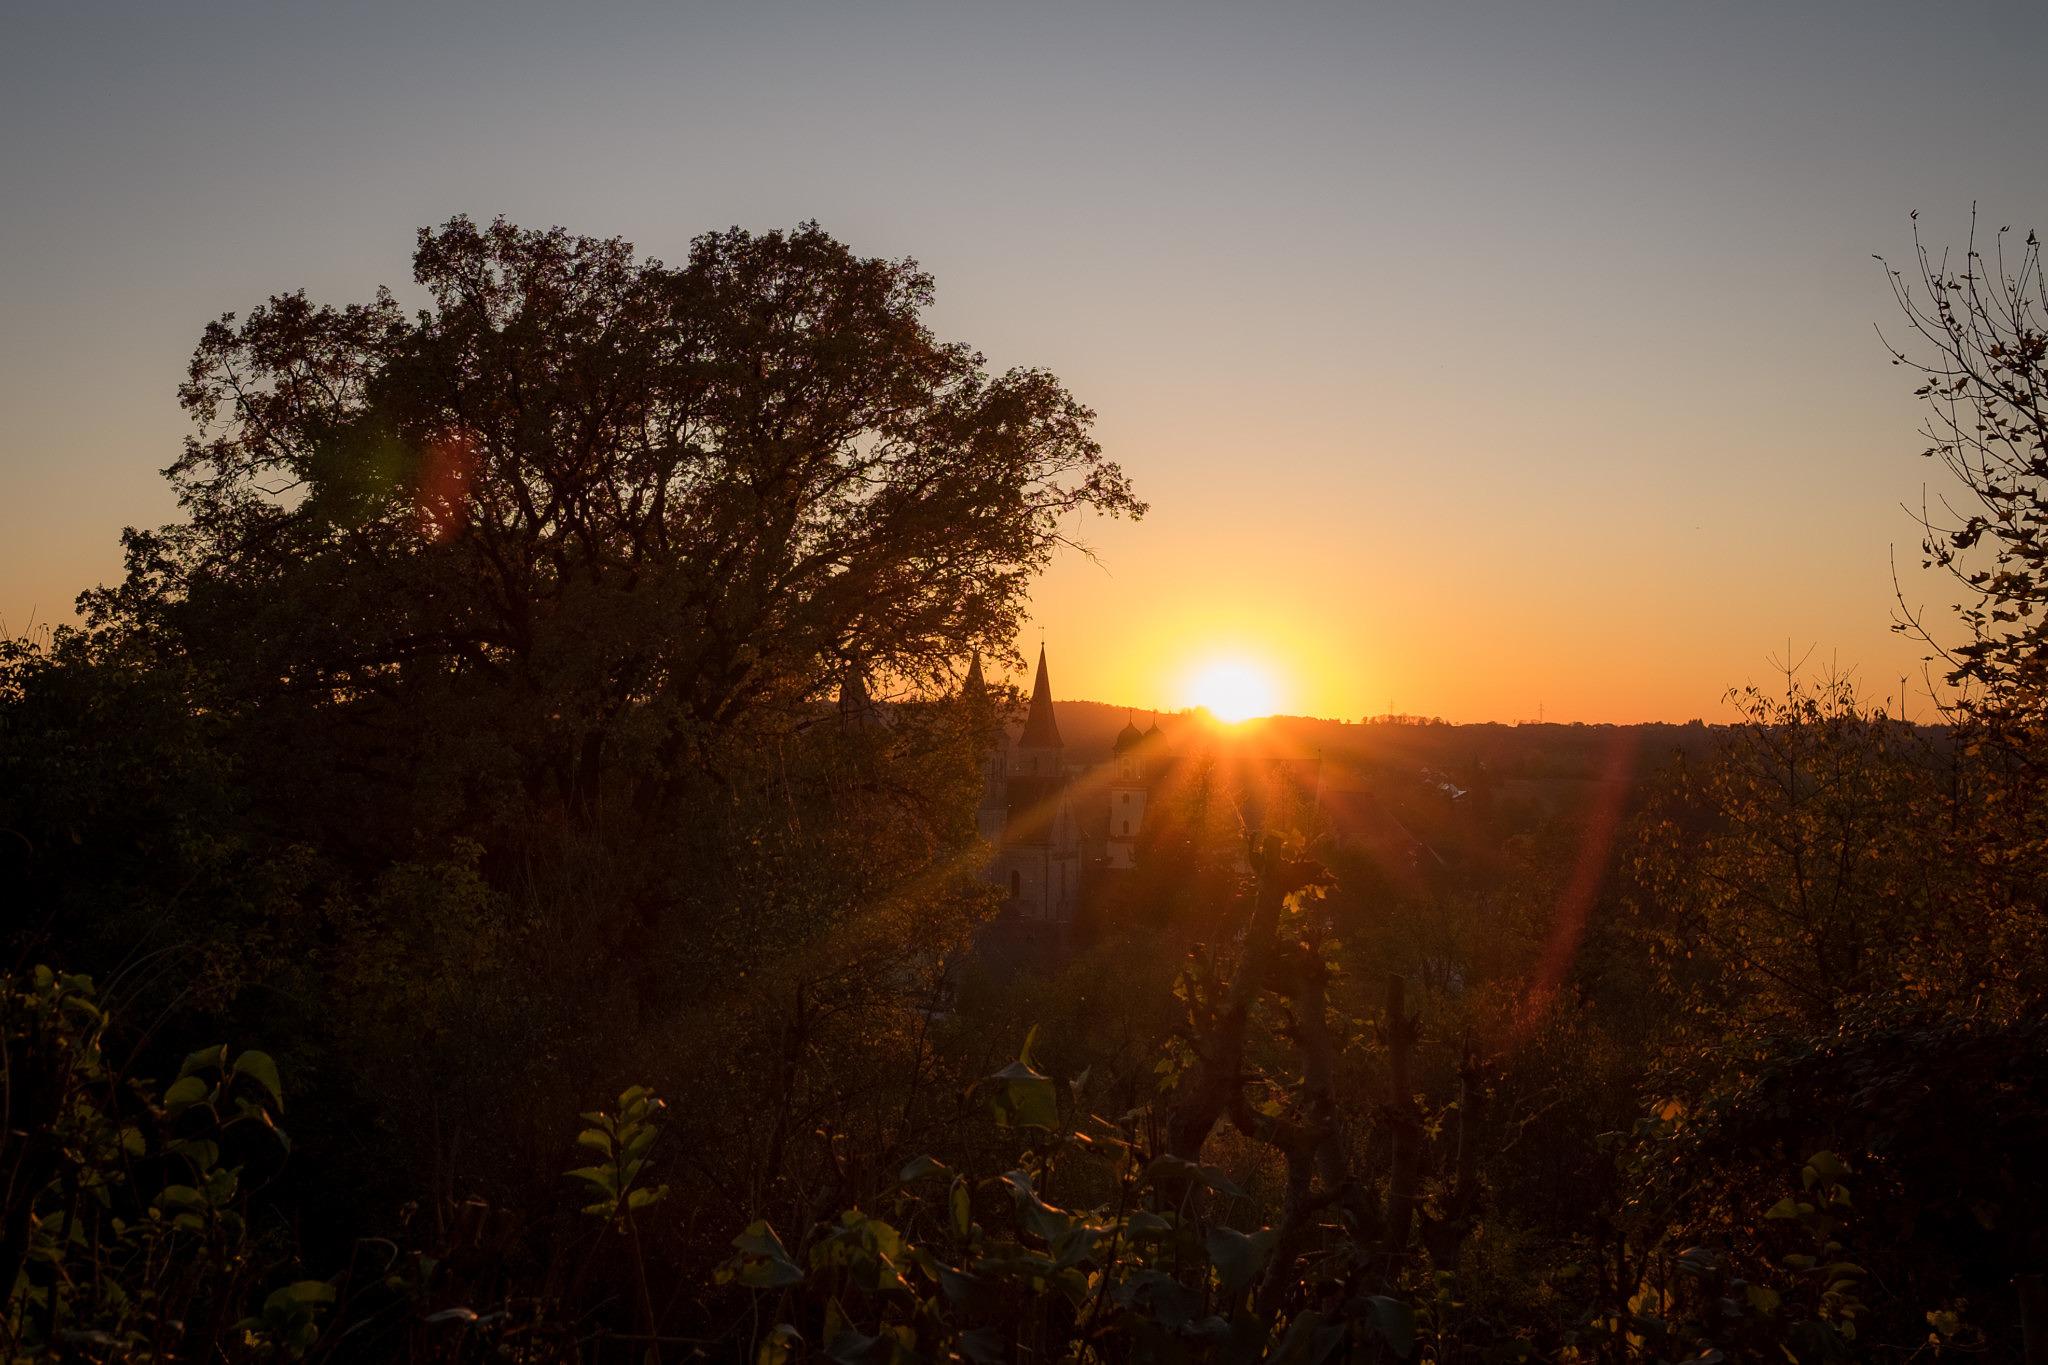 Goldener Herbst in Ellwangen - Die letzten Sonnenstrahlen legen sich über die Stadt Ellwangen